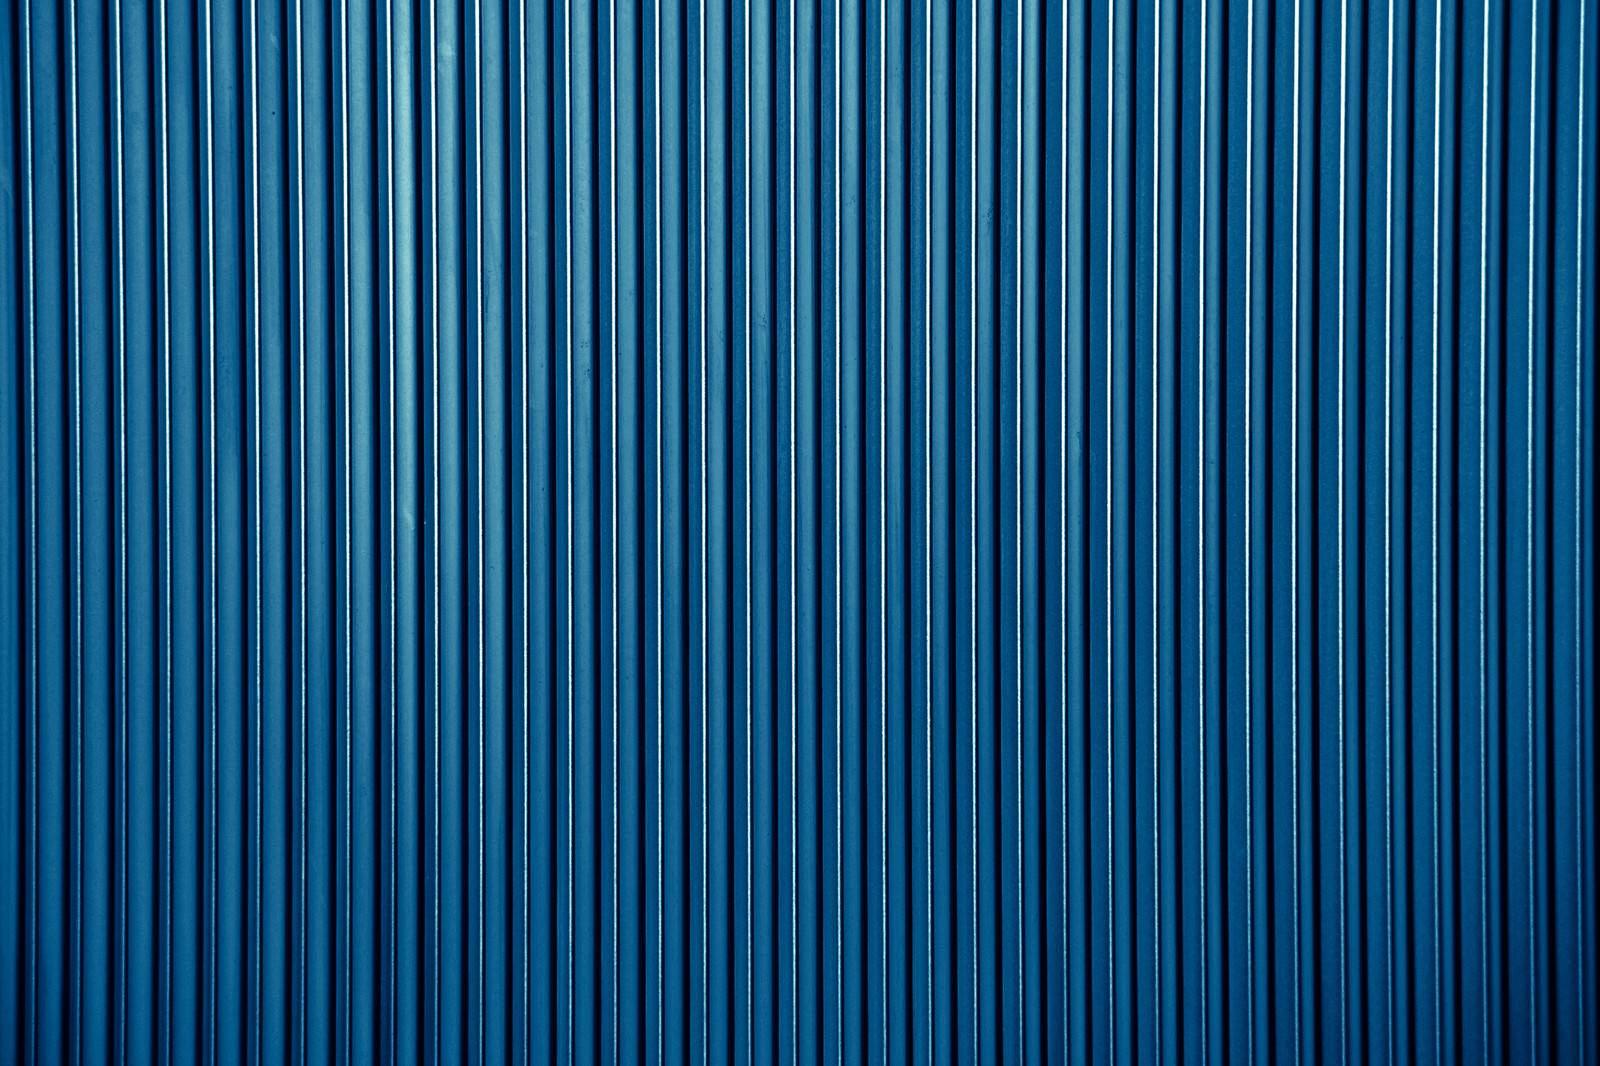 「青いトタン(テクスチャー)」の写真